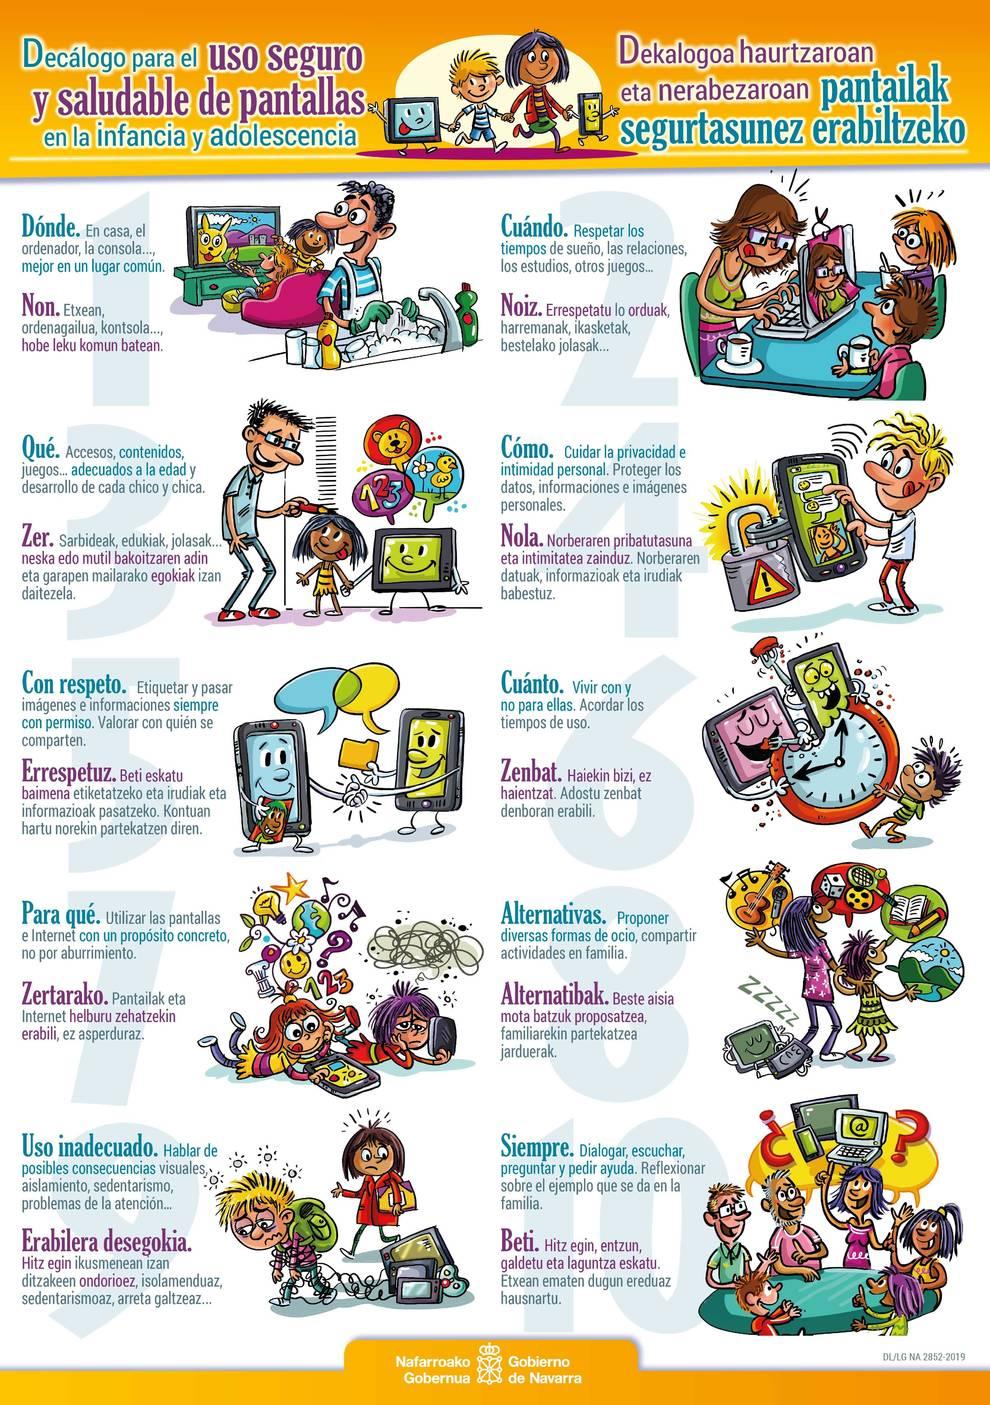 Decálogo para promover el uso seguro de pantallas en la infancia